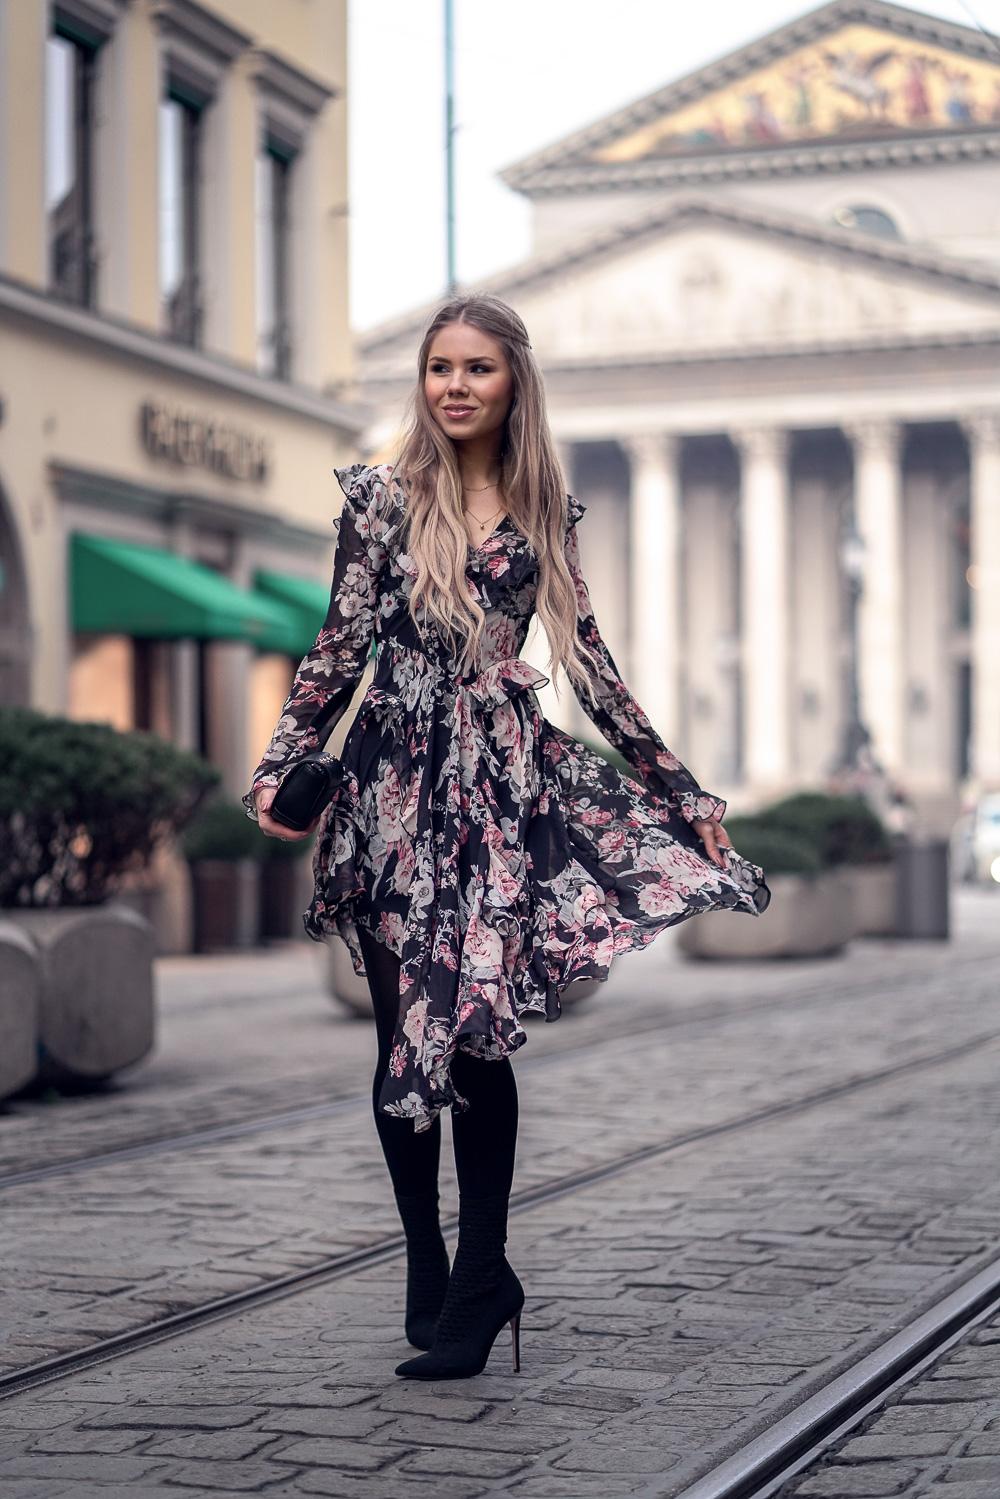 Blumen Print-Blumenmuster- Flower Print-Asymmetrie-hohe Stiefeletten-Versace Tasche